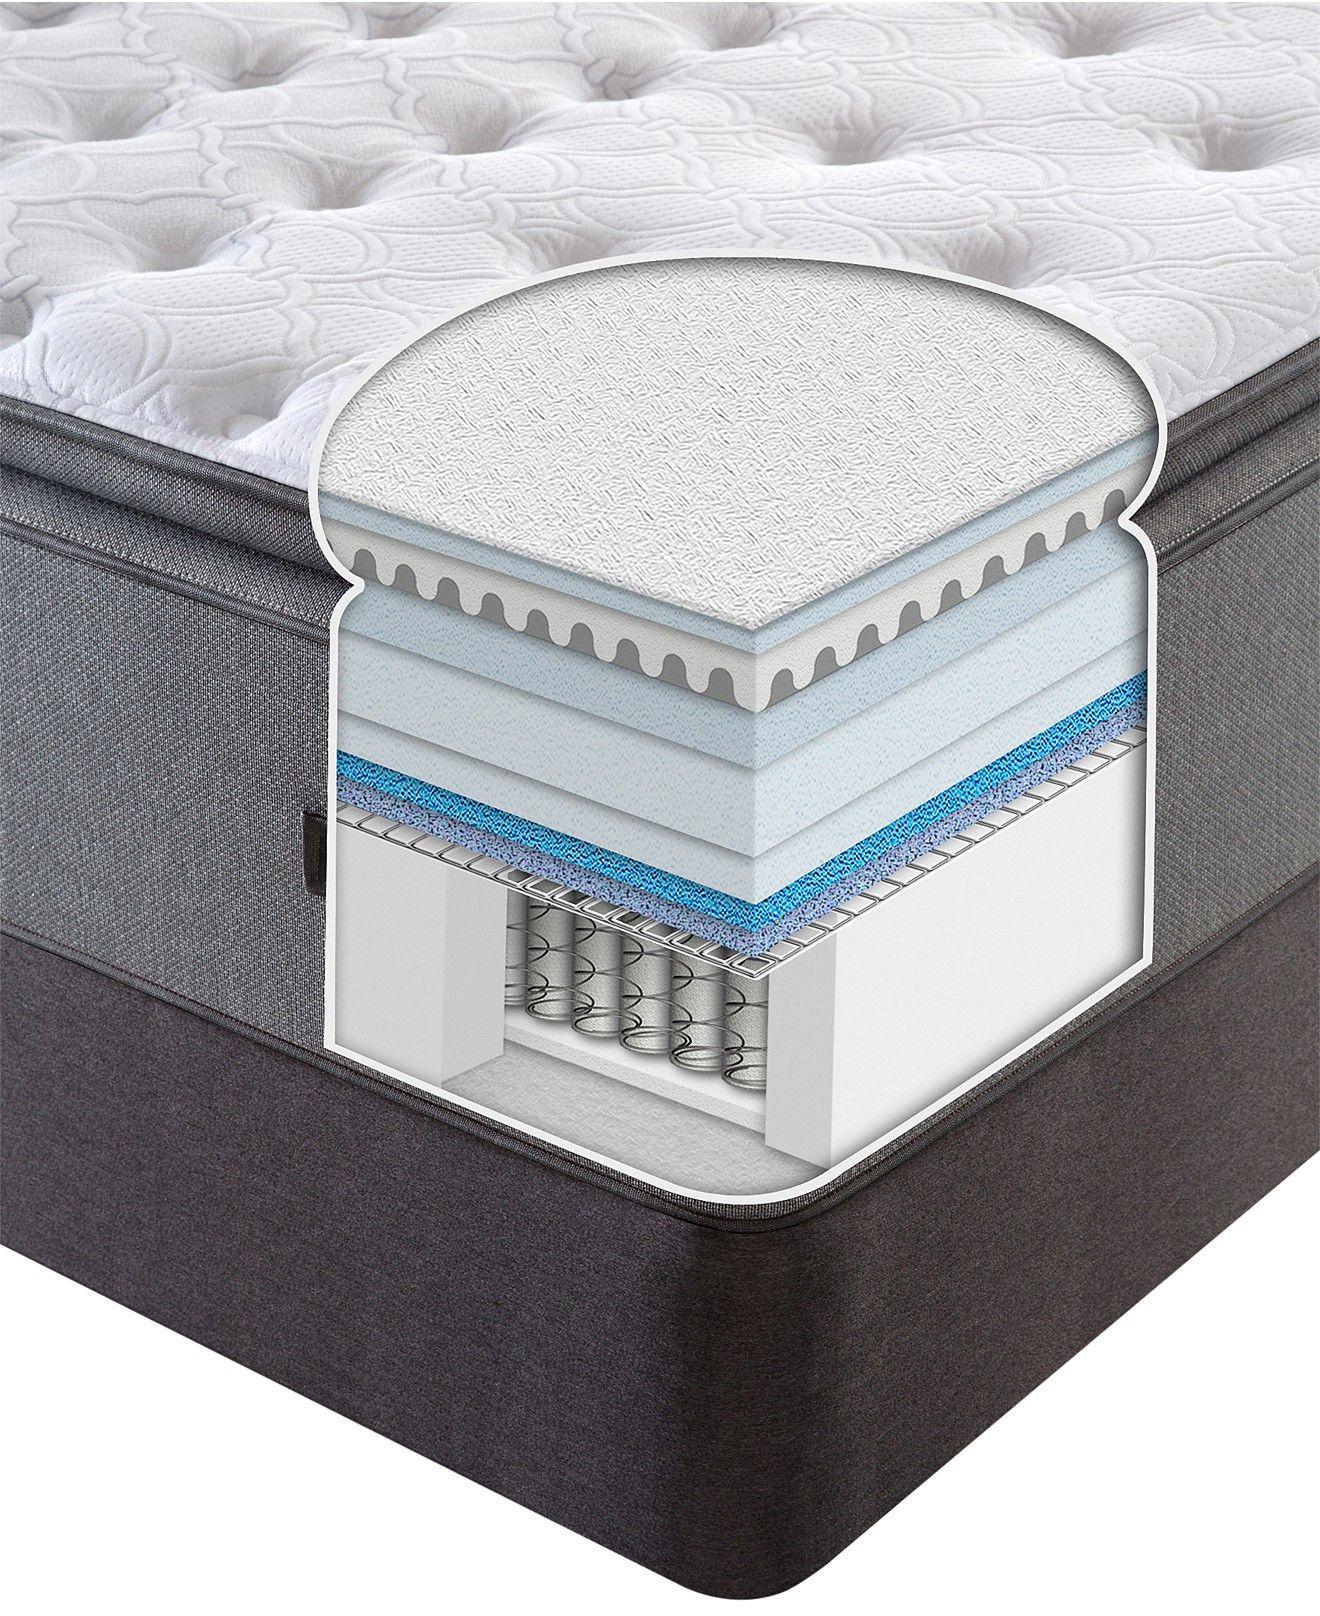 Sealy Posturepedic Market Street Plush Euro Pillowtop Queen Mattress Set Queen Mattresses Mattresses Ma Memory Foam Mattress Foam Mattress Queen Mattress